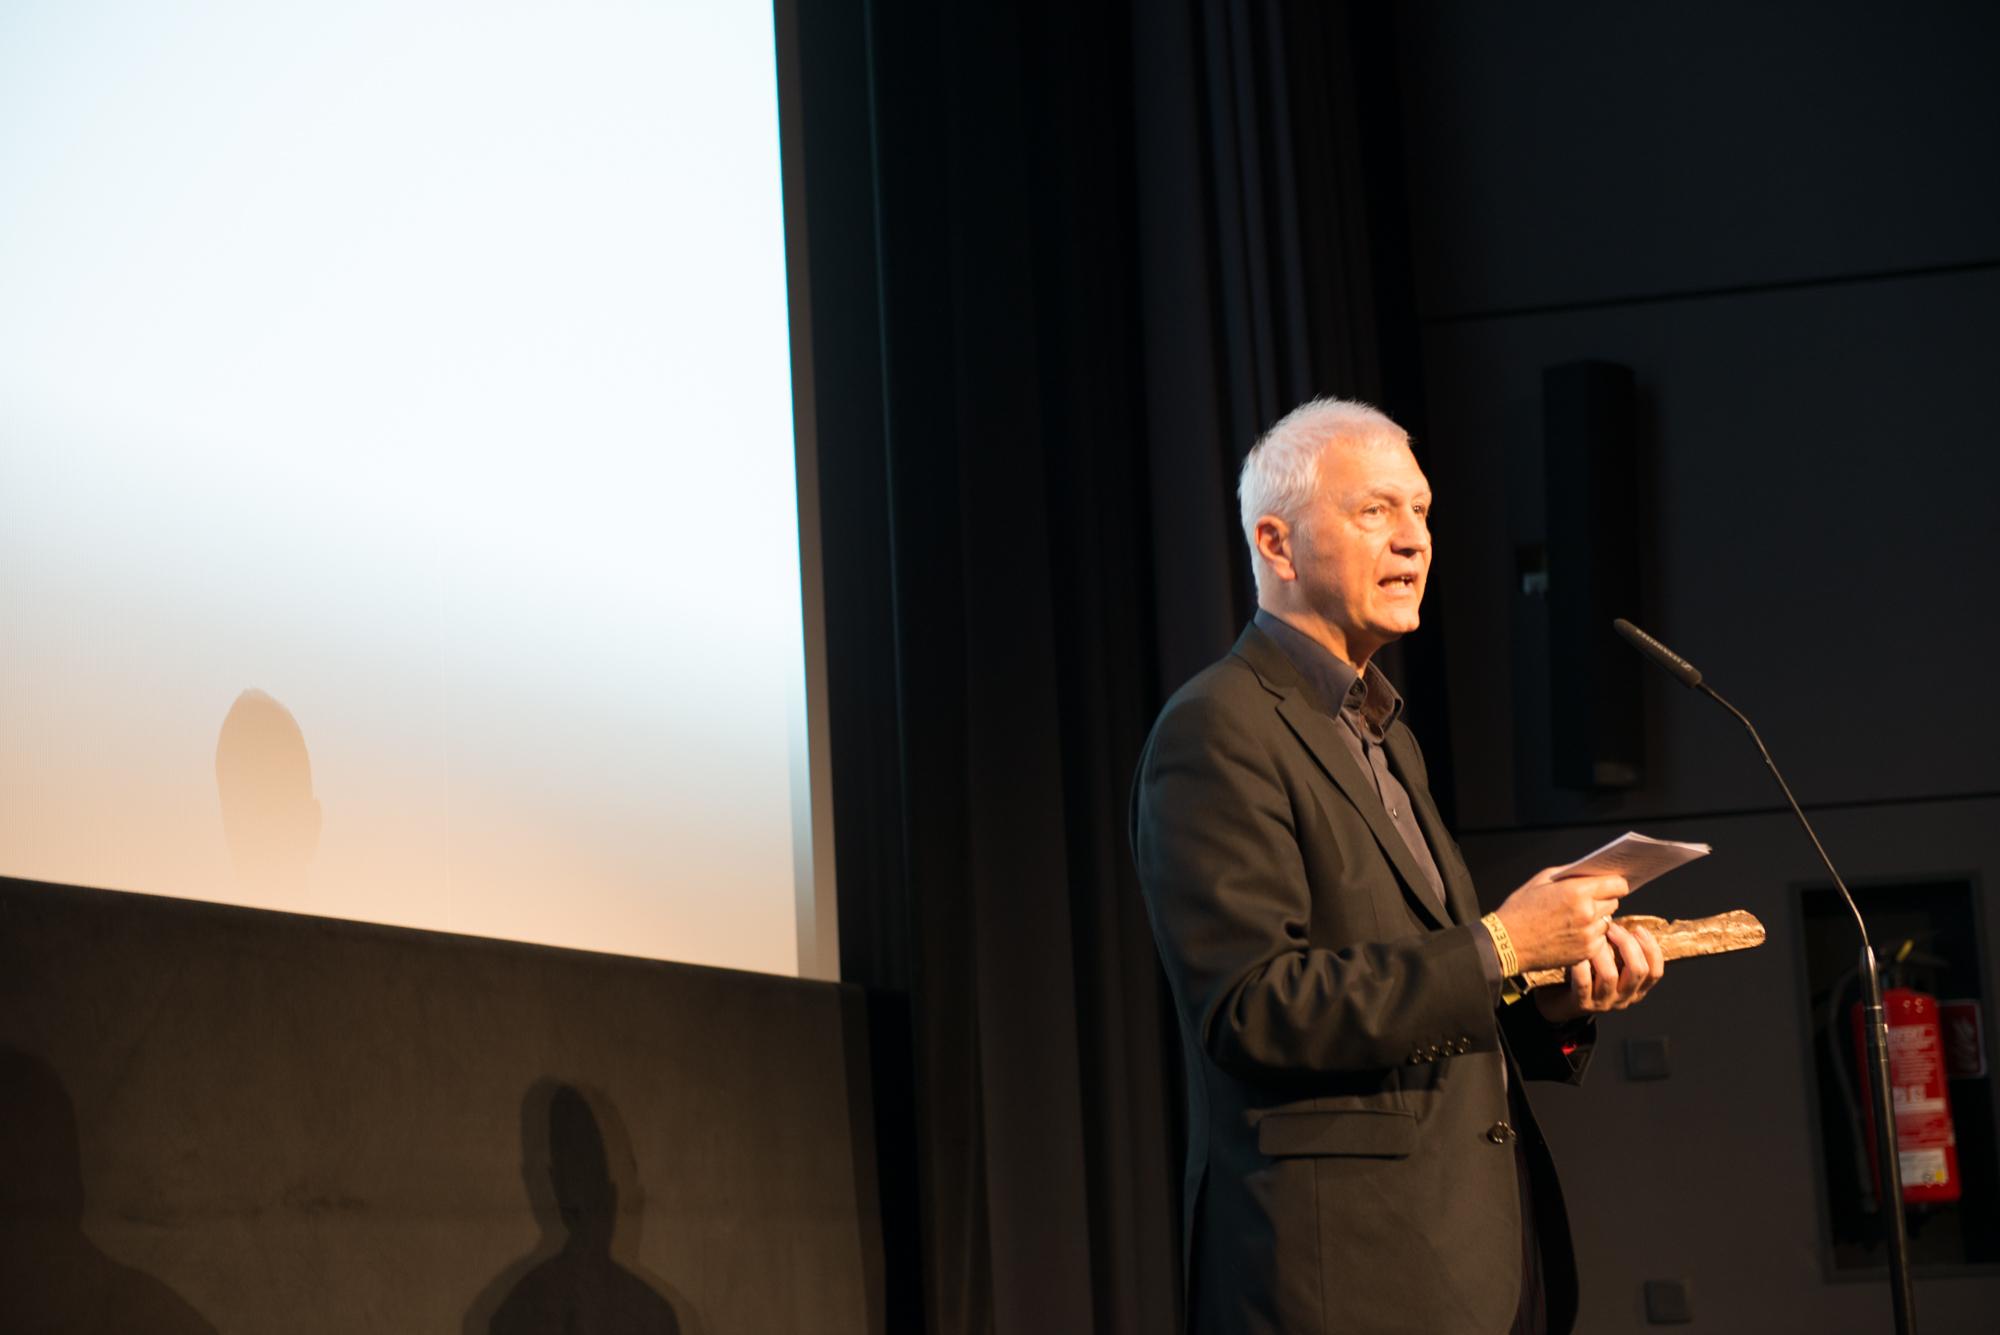 Internationales Festival der Filmhochschulen München 2018 - Preisverleihung 1